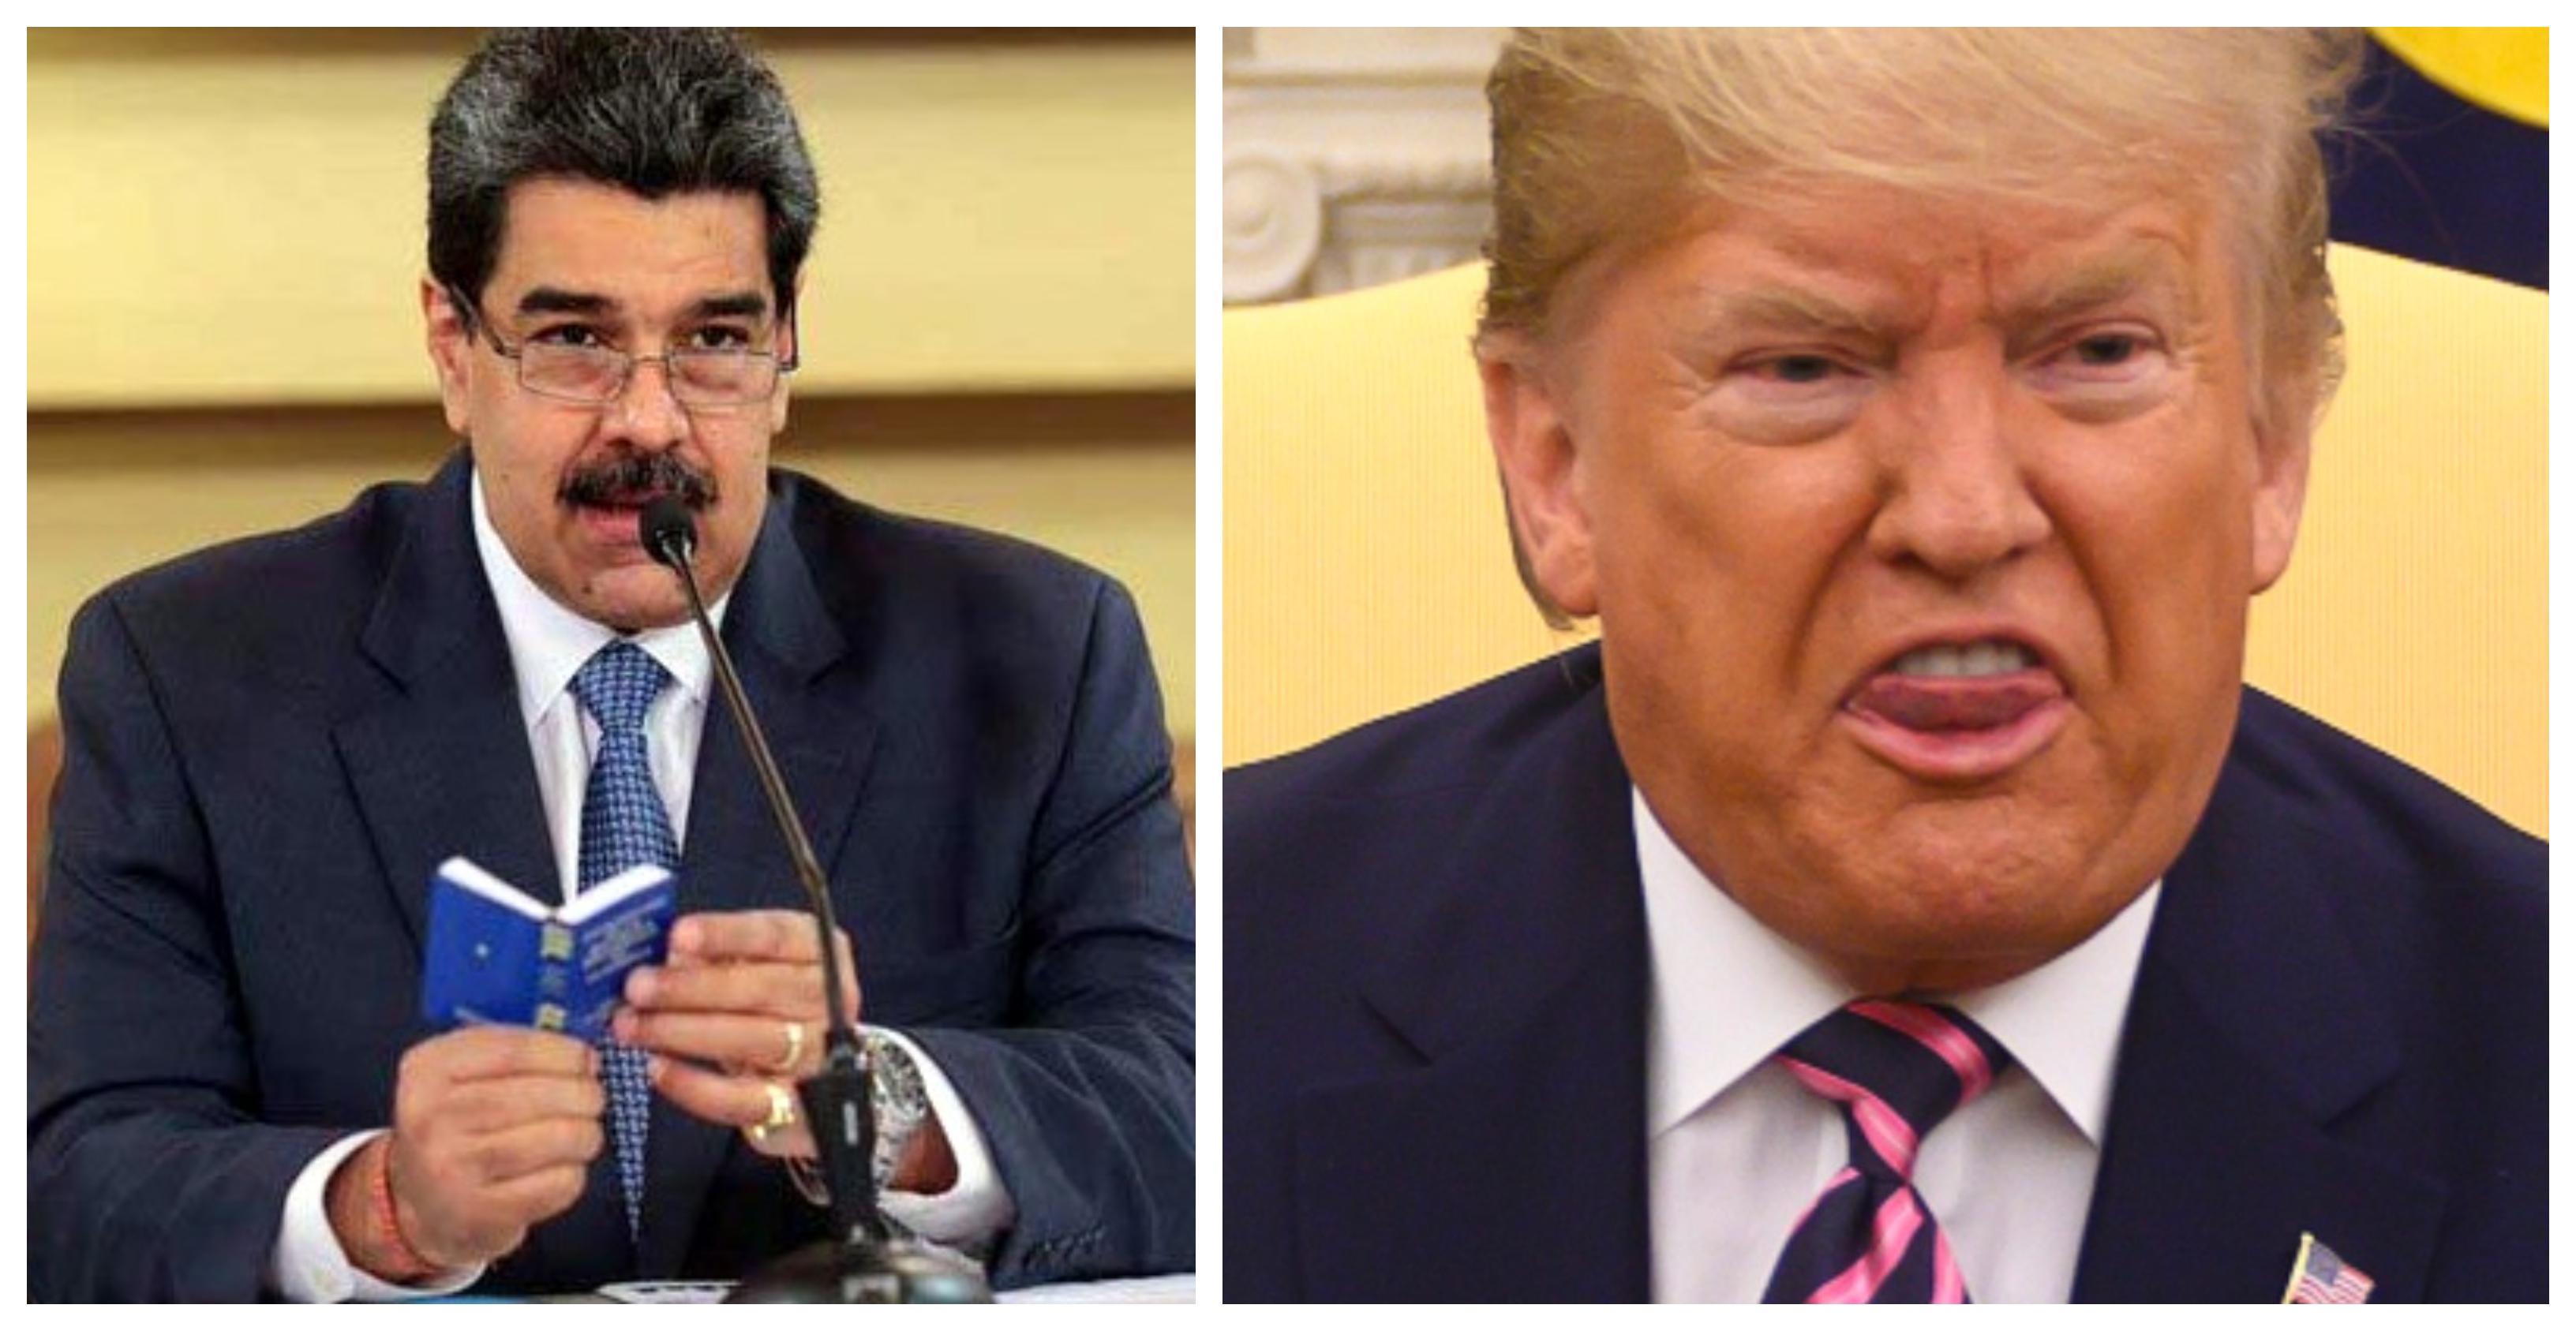 Boaventura Santos alerta para iminente invasão dos EUA a Venezuela; vídeo